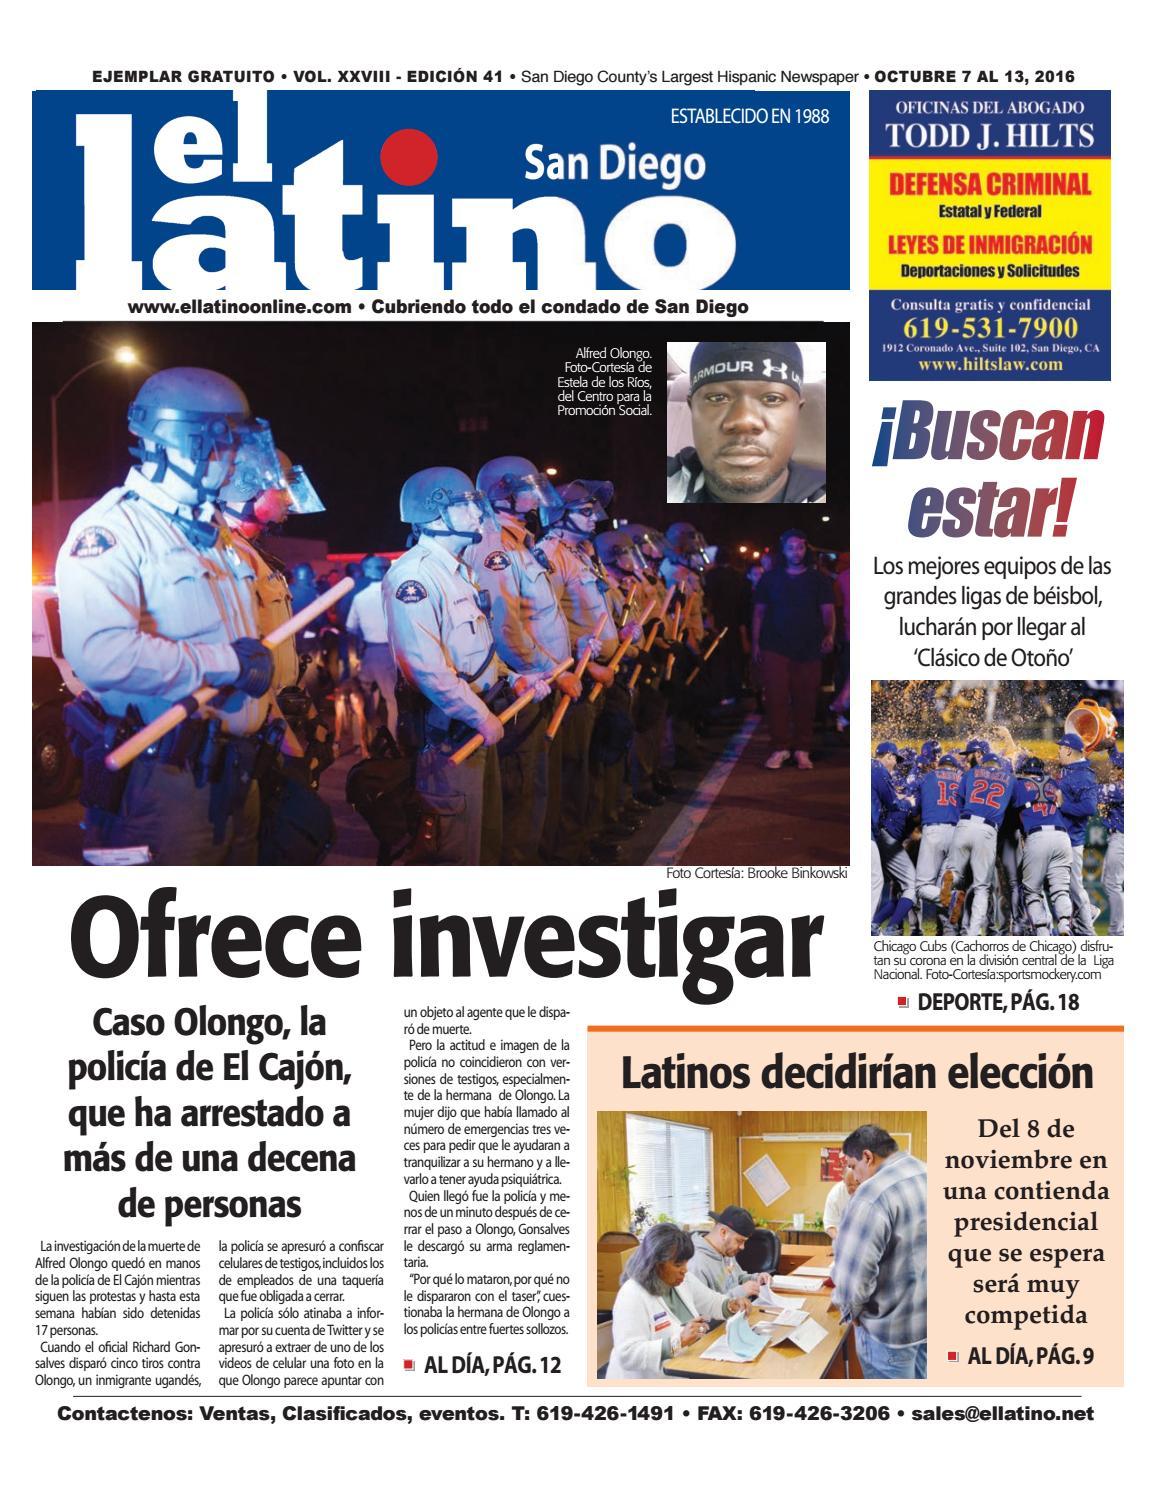 Seamos policias latino dating